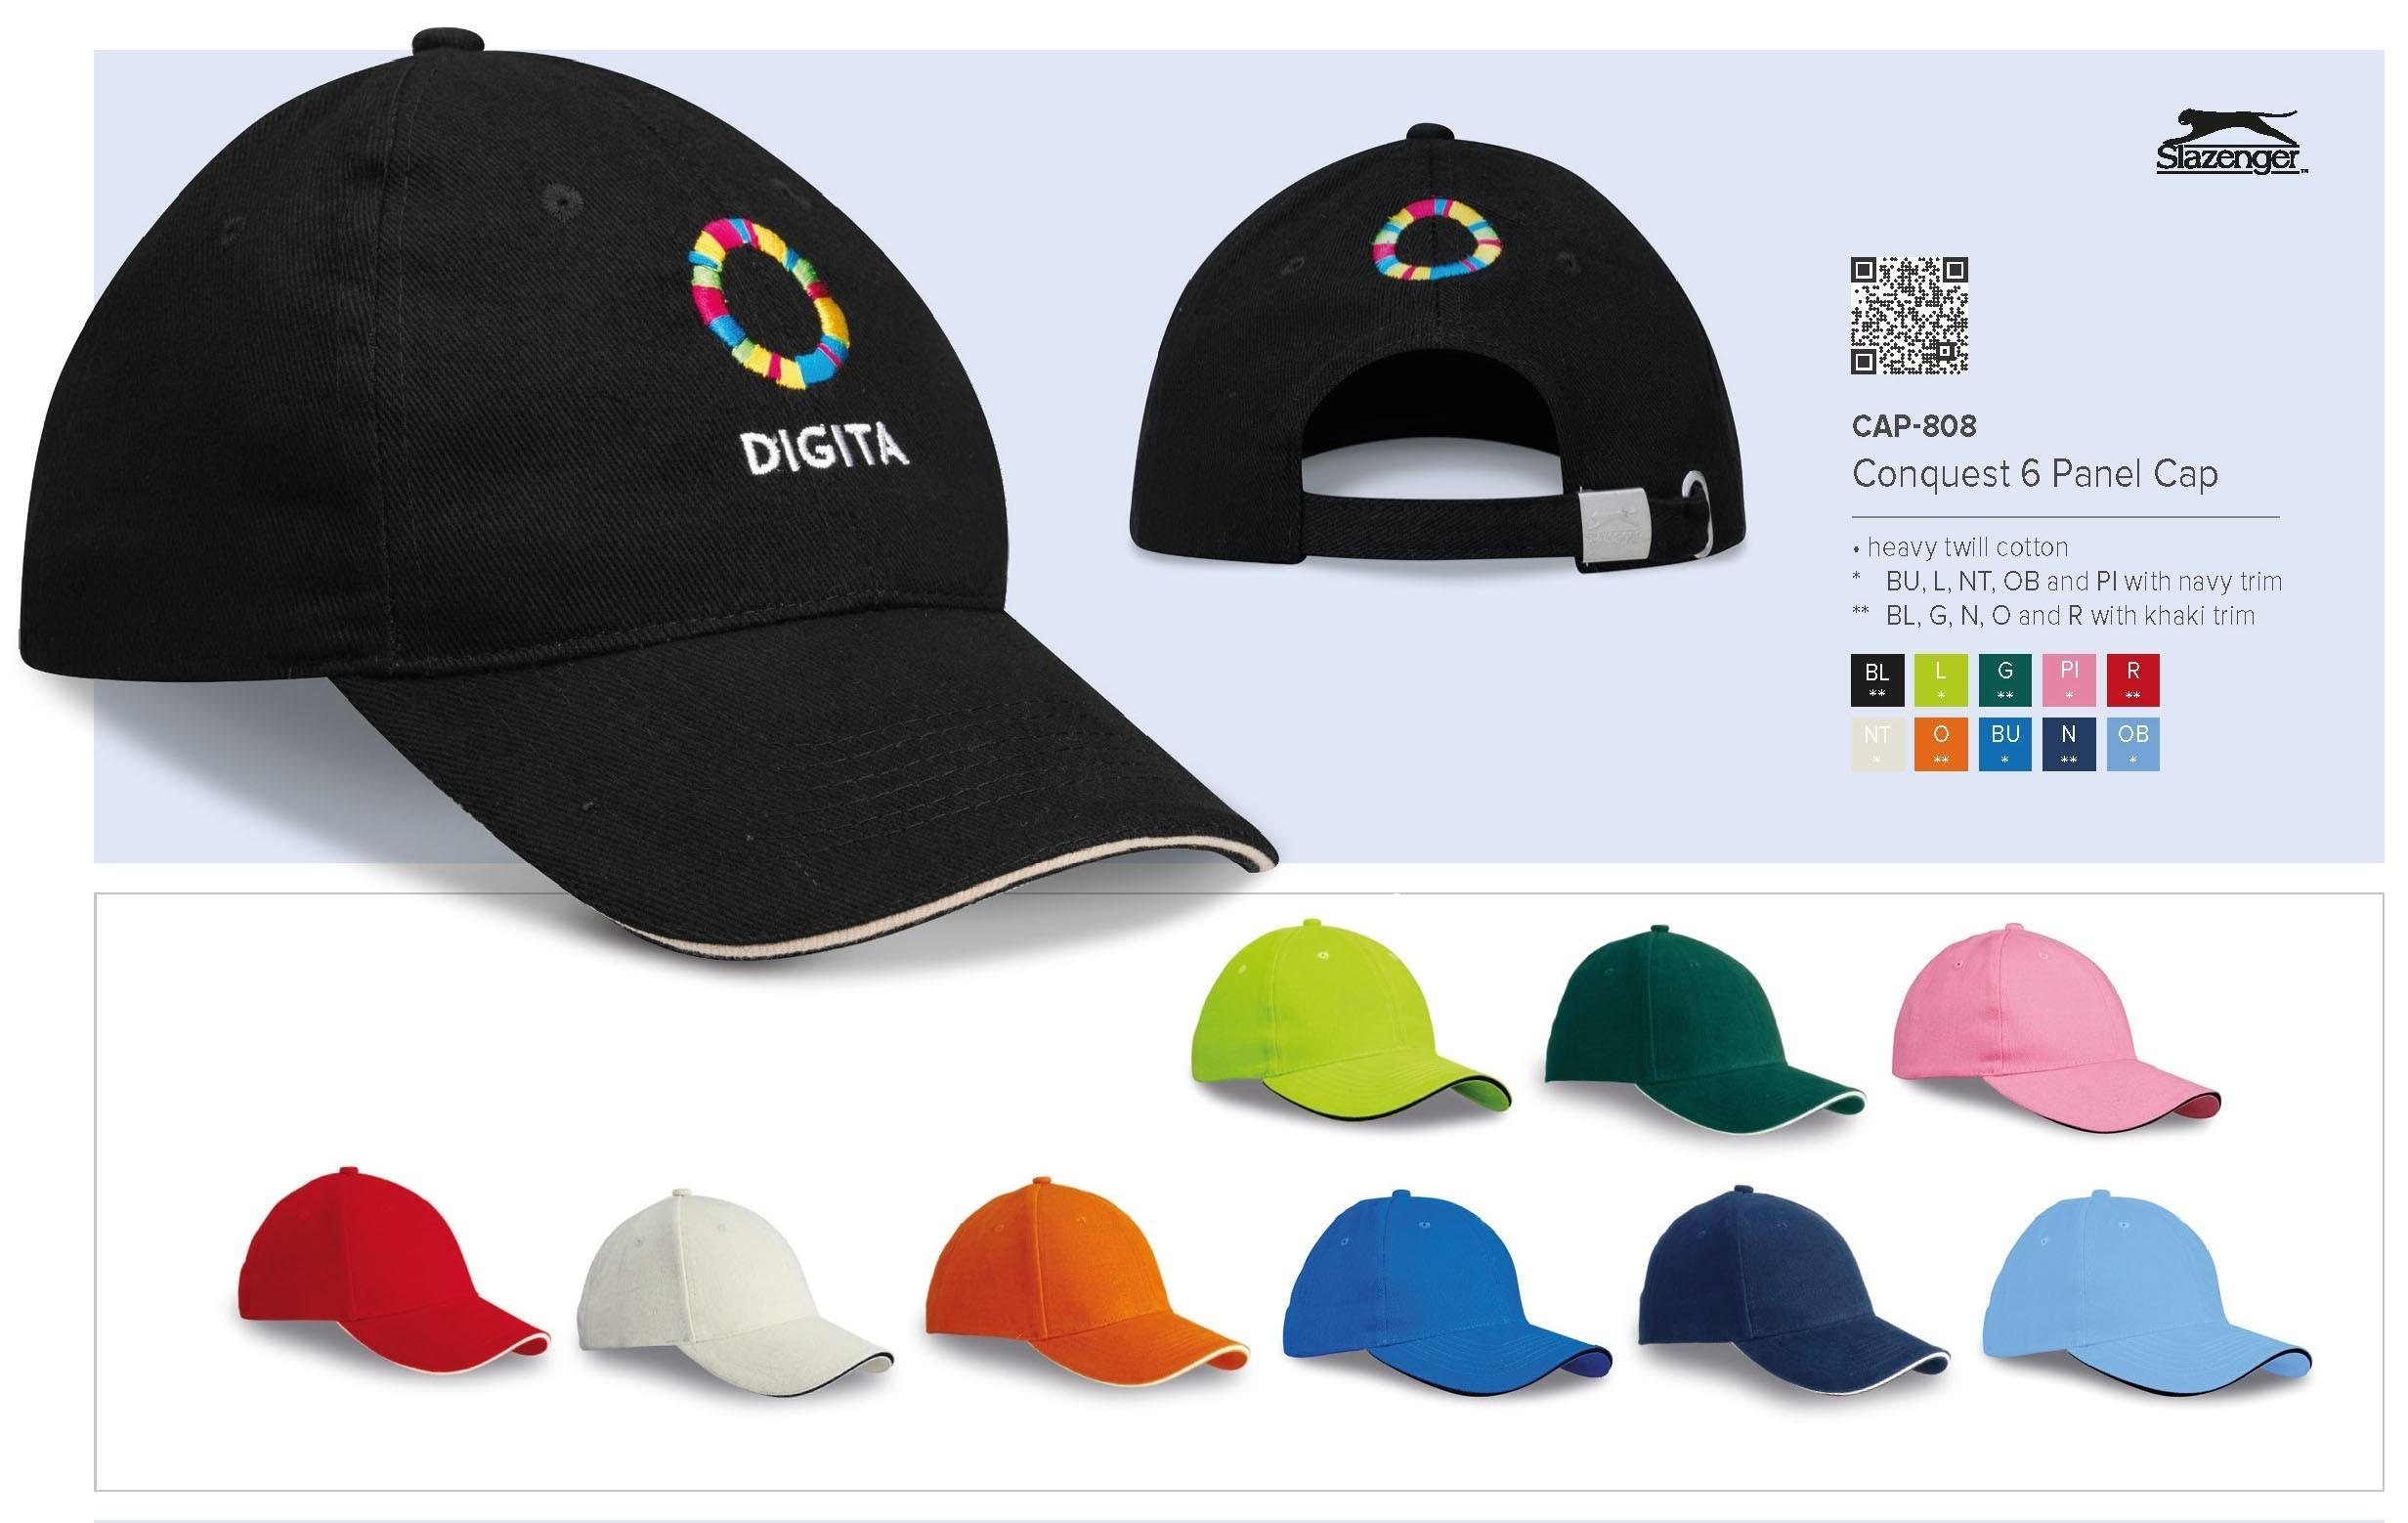 Slazenger Branded Caps